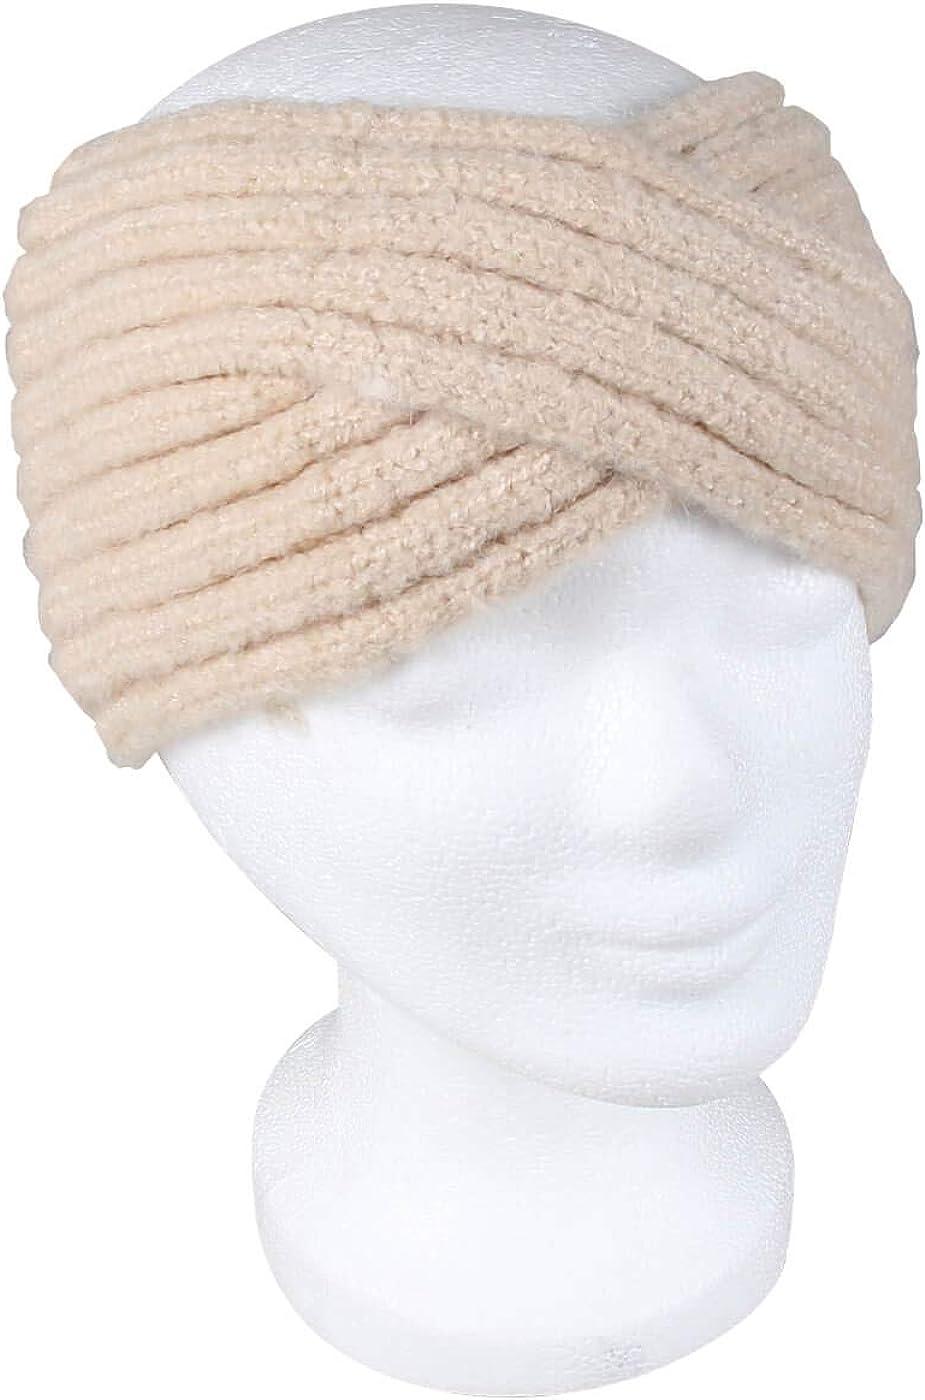 Alsino Stirnband Damen Haarband Winter M/ädchen Kopfband Strick Geflochten Kinder Ohrensch/ützer Ohrenw/ärmer Vintage